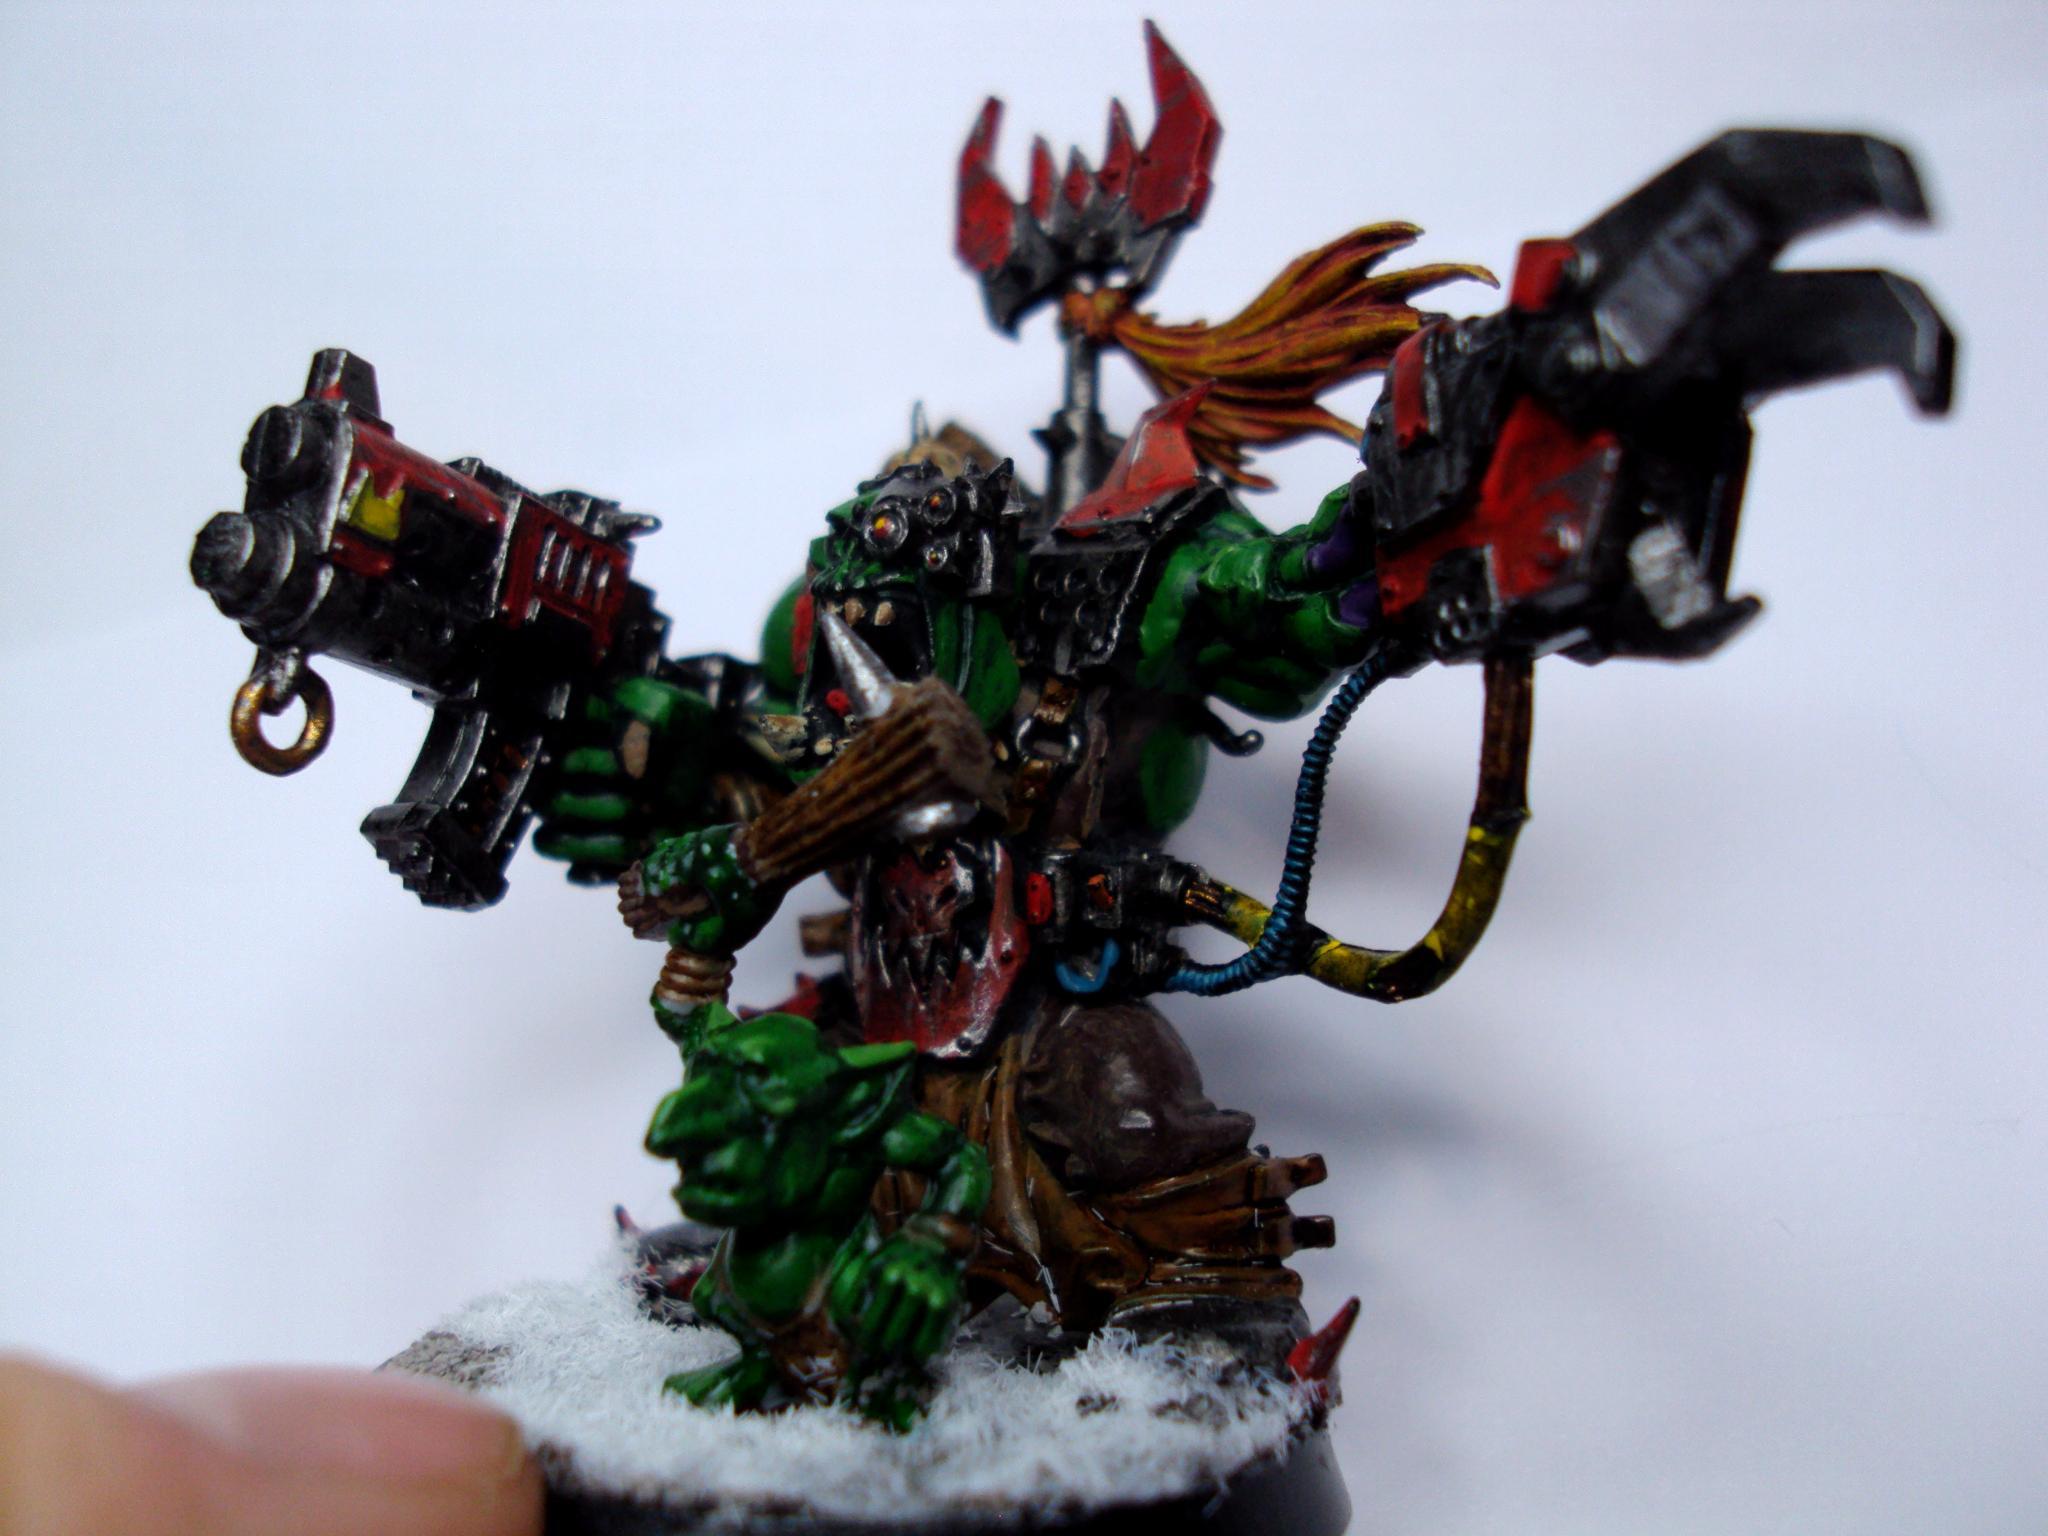 Orks, Side shot of warboss